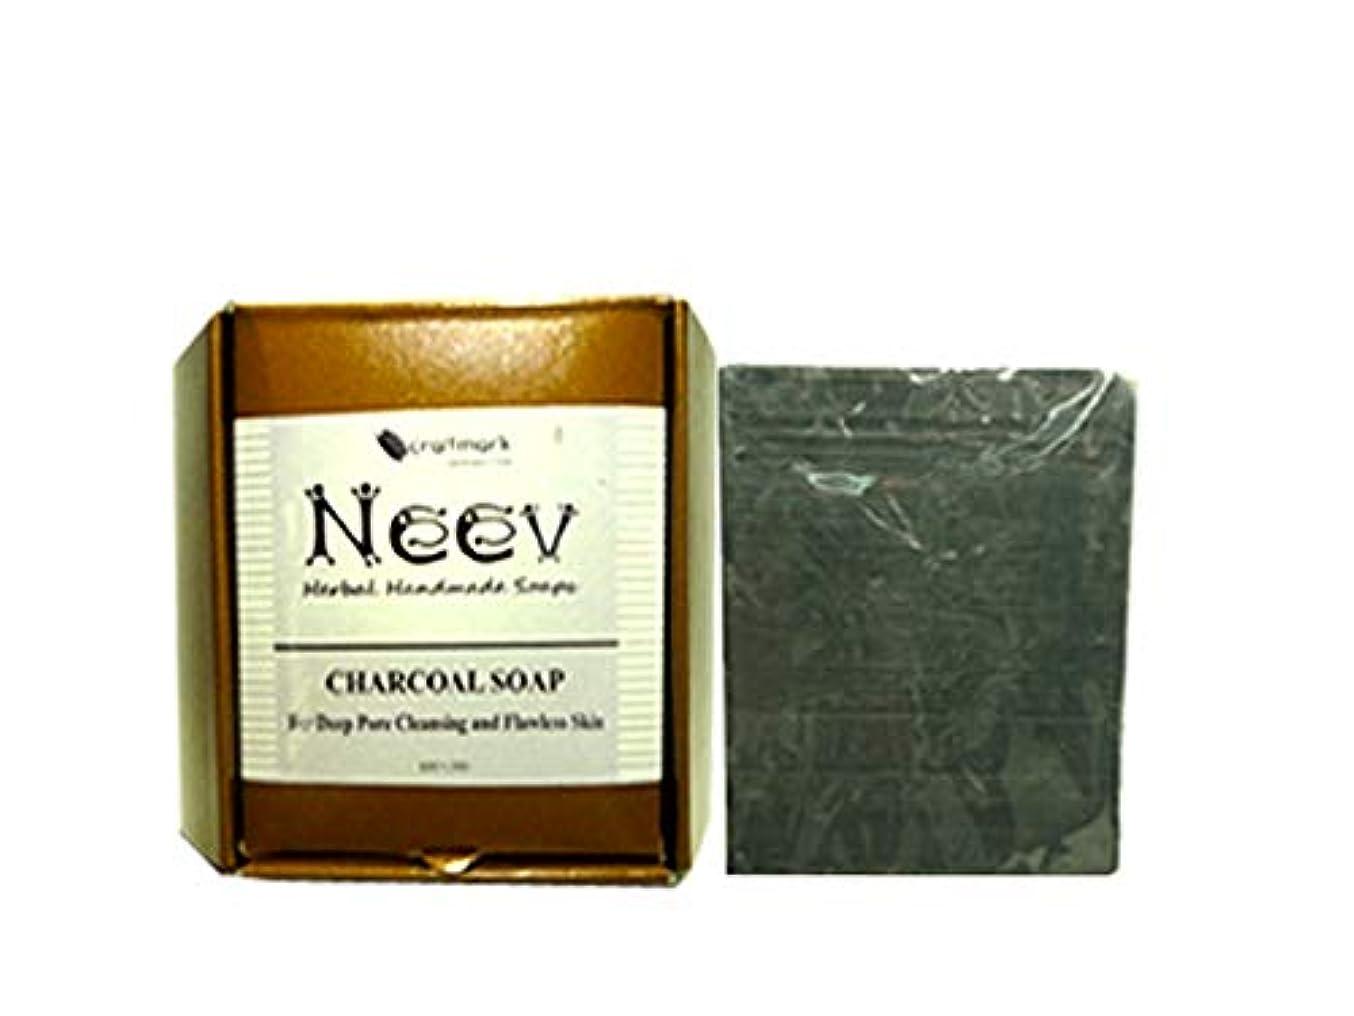 リッチわずかな説明する手作り アーユルヴェーダ ニーブ チャコール ソープ(炭石鹸)100g NEEV CHARCOAL SOAP